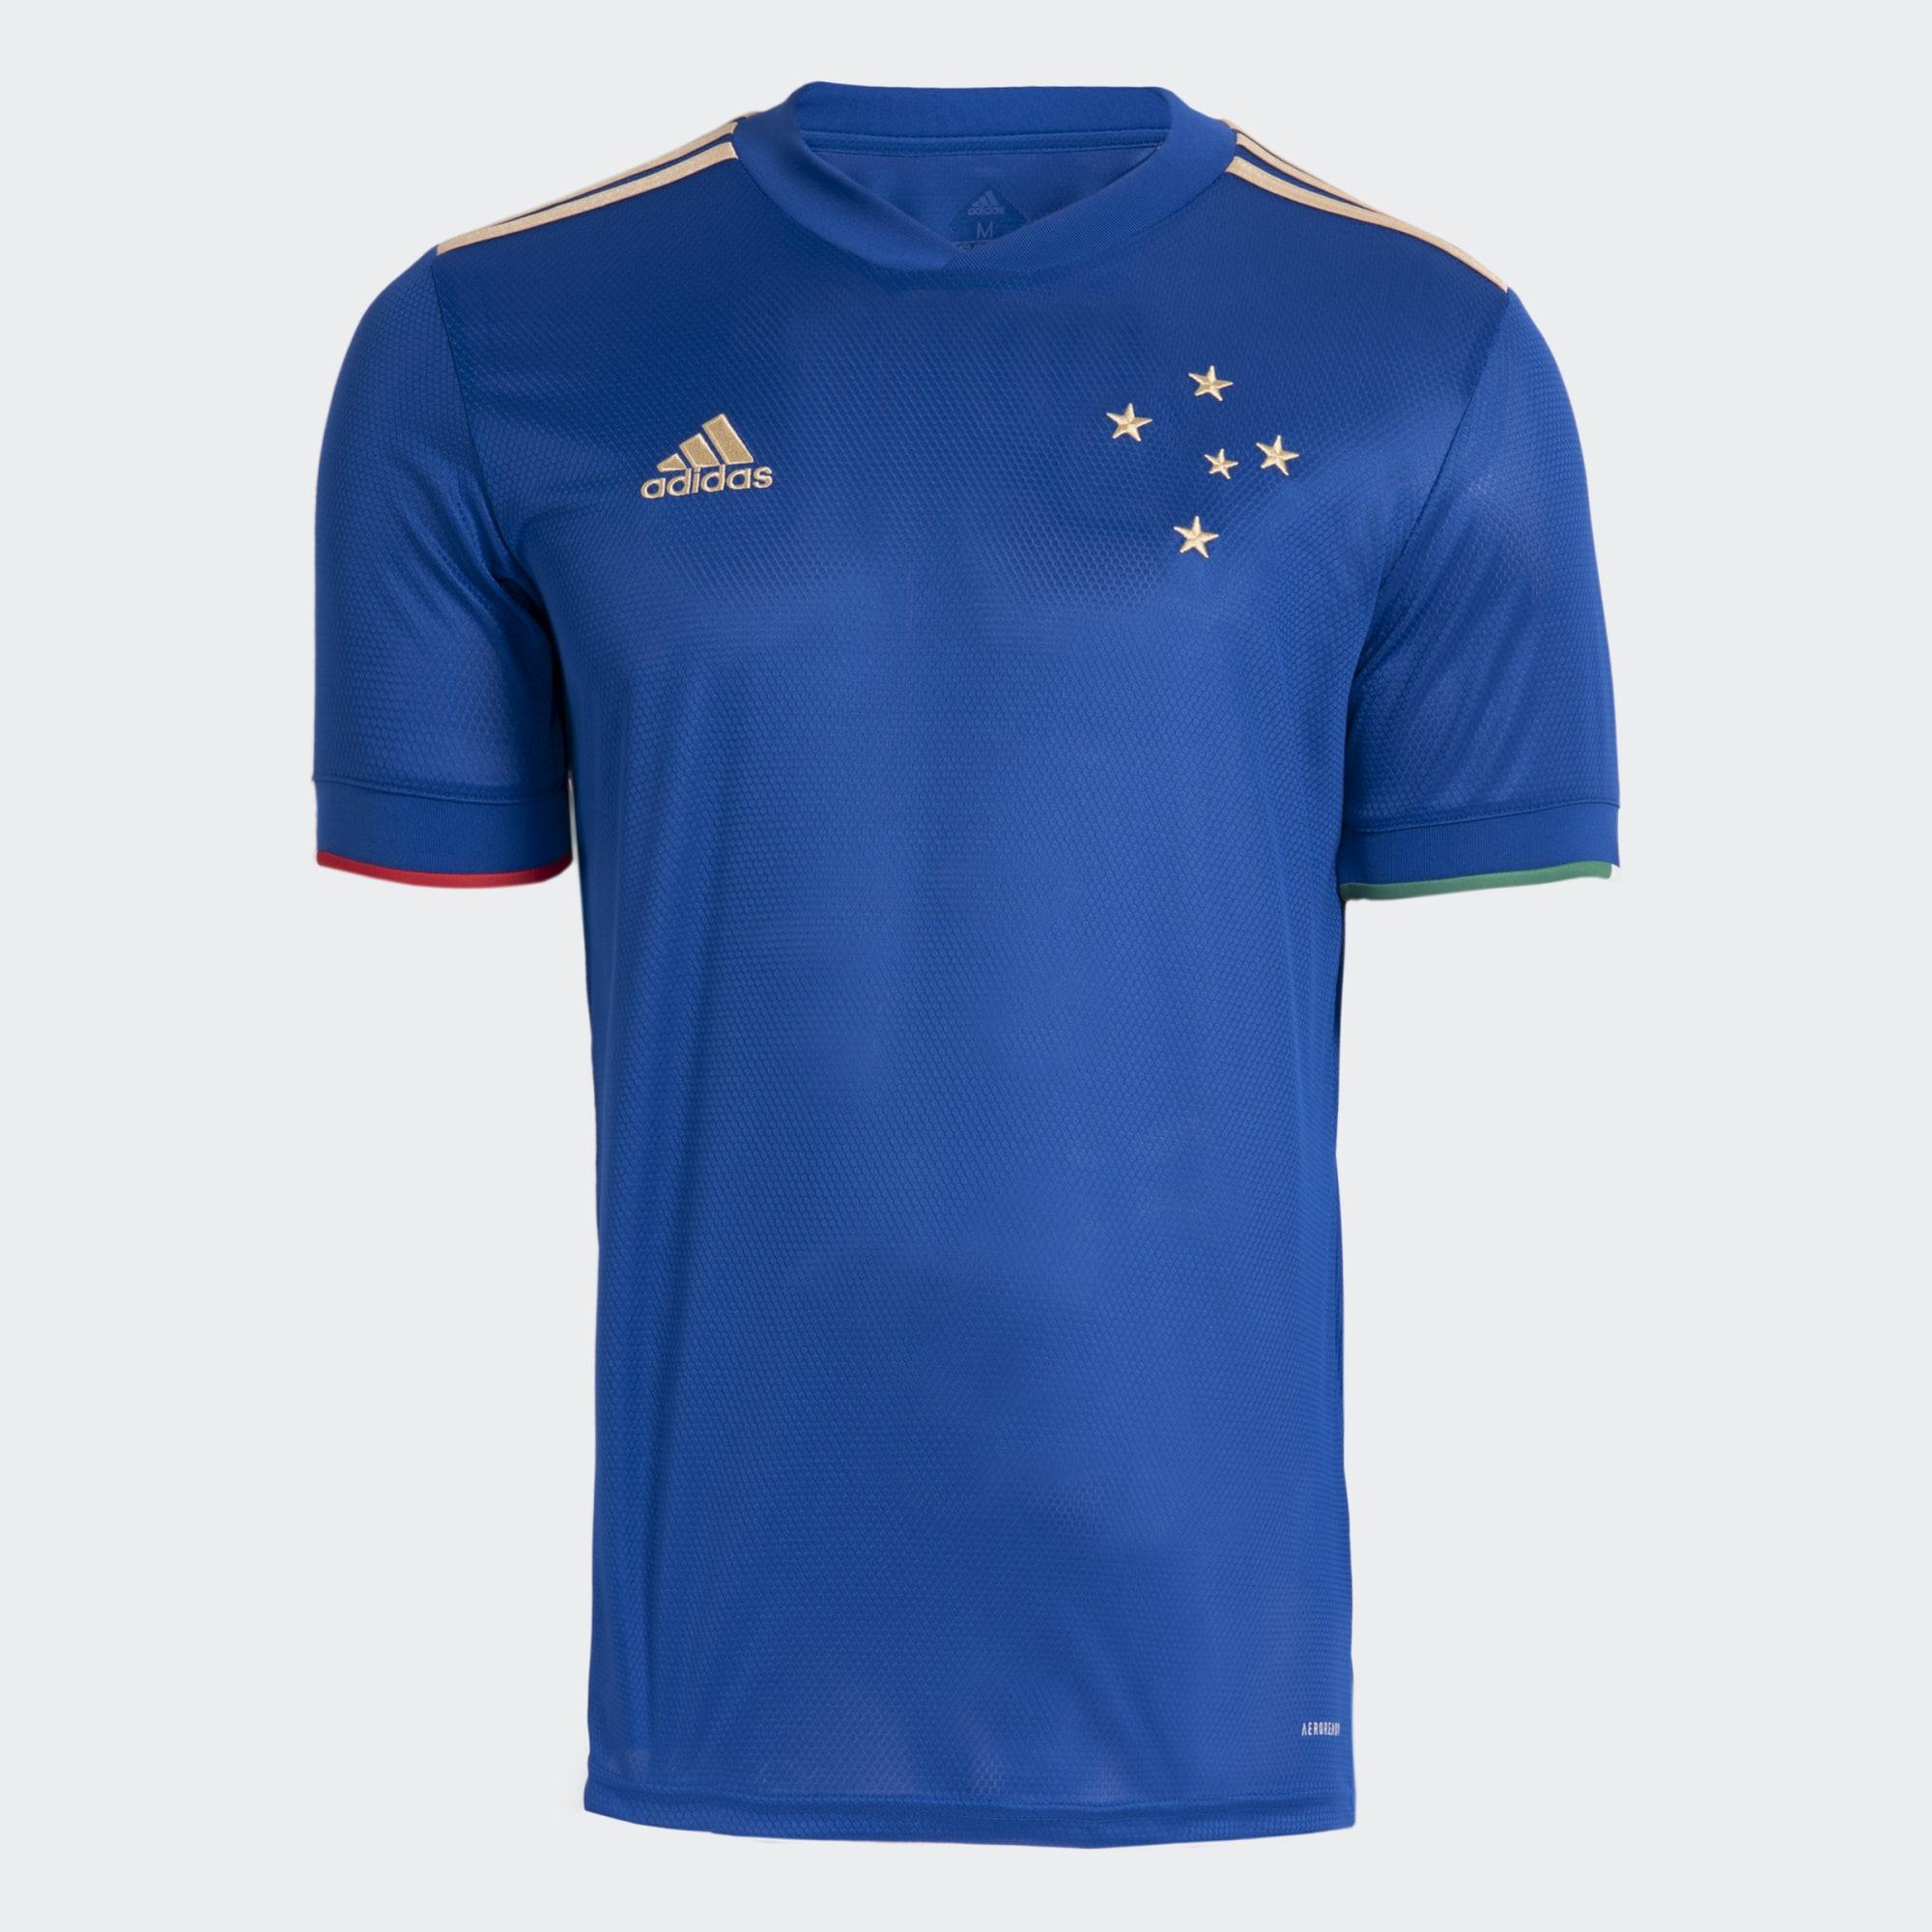 Camisa Masculina Oficial 1 Adidas Centenário Cruzeiro